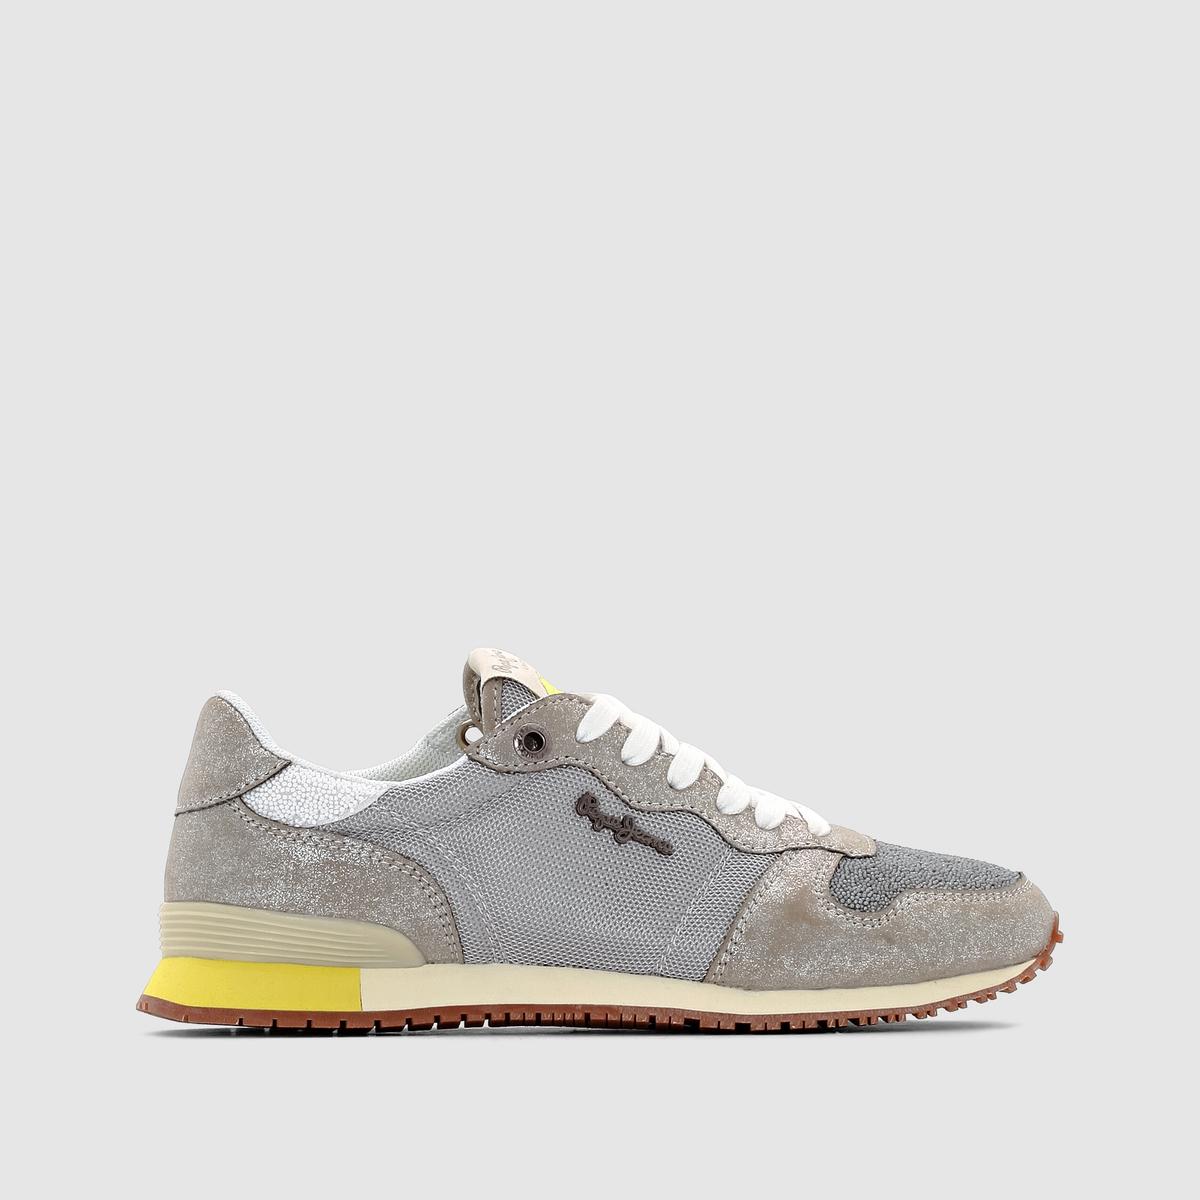 Кроссовки низкие PEPE JEANS GABLE CAVIARПреимущества: : Кроссовки PEPE JEANS, стильные и легкие, их можно надеть как на прогулку, так и на работу<br><br>Цвет: серебристый<br>Размер: 40